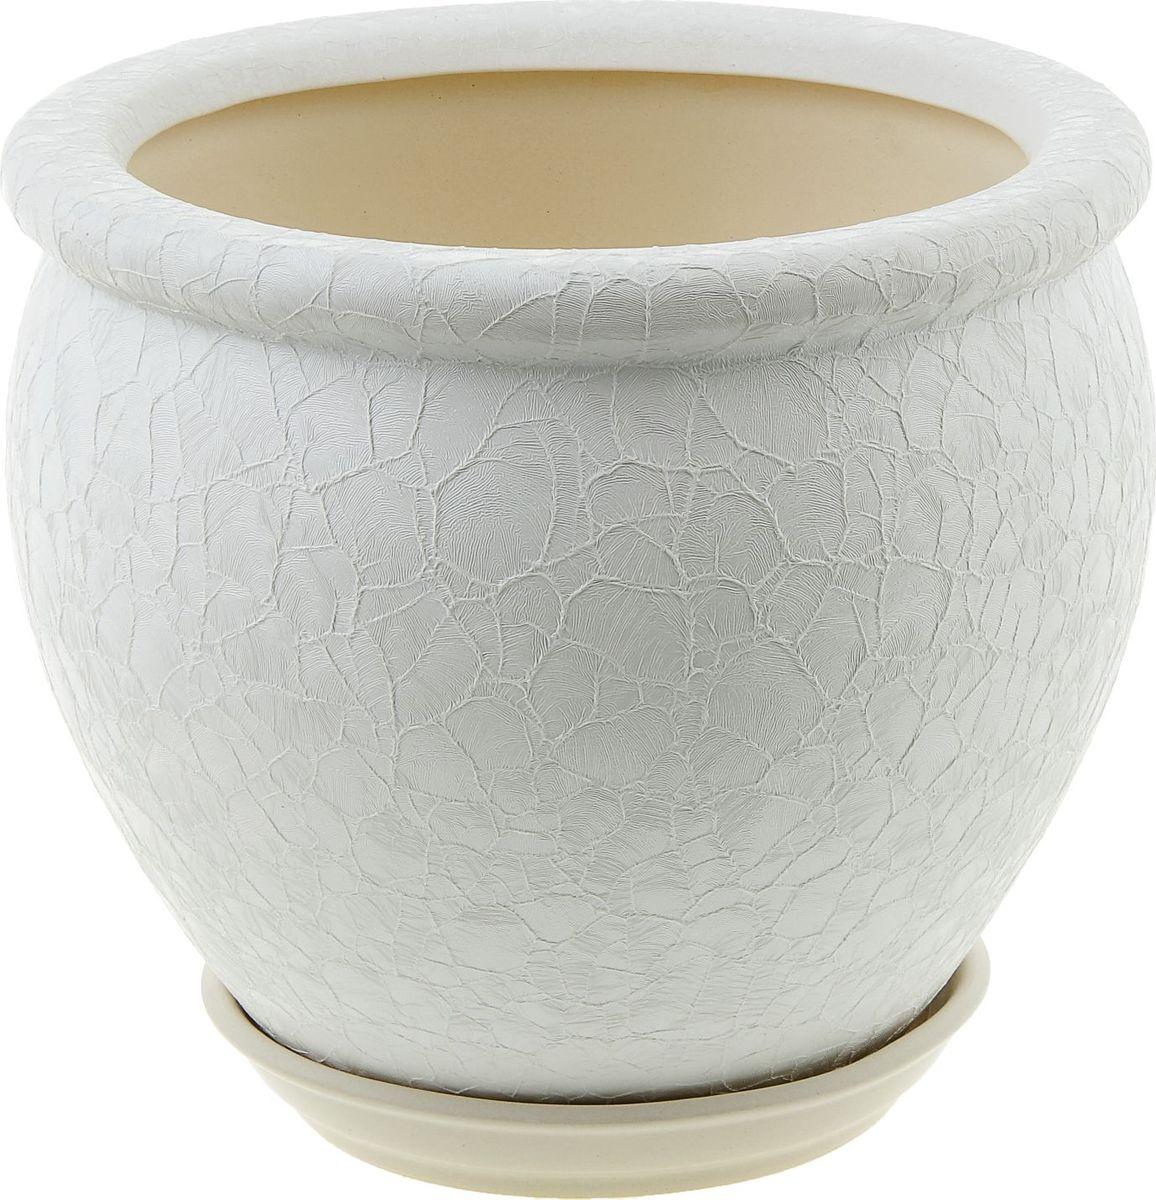 Кашпо Керамика ручной работы Вьетнам, цвет: белый, 5 л835660Комнатные растения — всеобщие любимцы. Они радуют глаз, насыщают помещение кислородом и украшают пространство. Каждому из них необходим свой удобный и красивый дом. Кашпо из керамики прекрасно подходят для высадки растений: за счёт пластичности глины и разных способов обработки существует великое множество форм и дизайновпористый материал позволяет испаряться лишней влагевоздух, необходимый для дыхания корней, проникает сквозь керамические стенки! #name# позаботится о зелёном питомце, освежит интерьер и подчеркнёт его стиль.